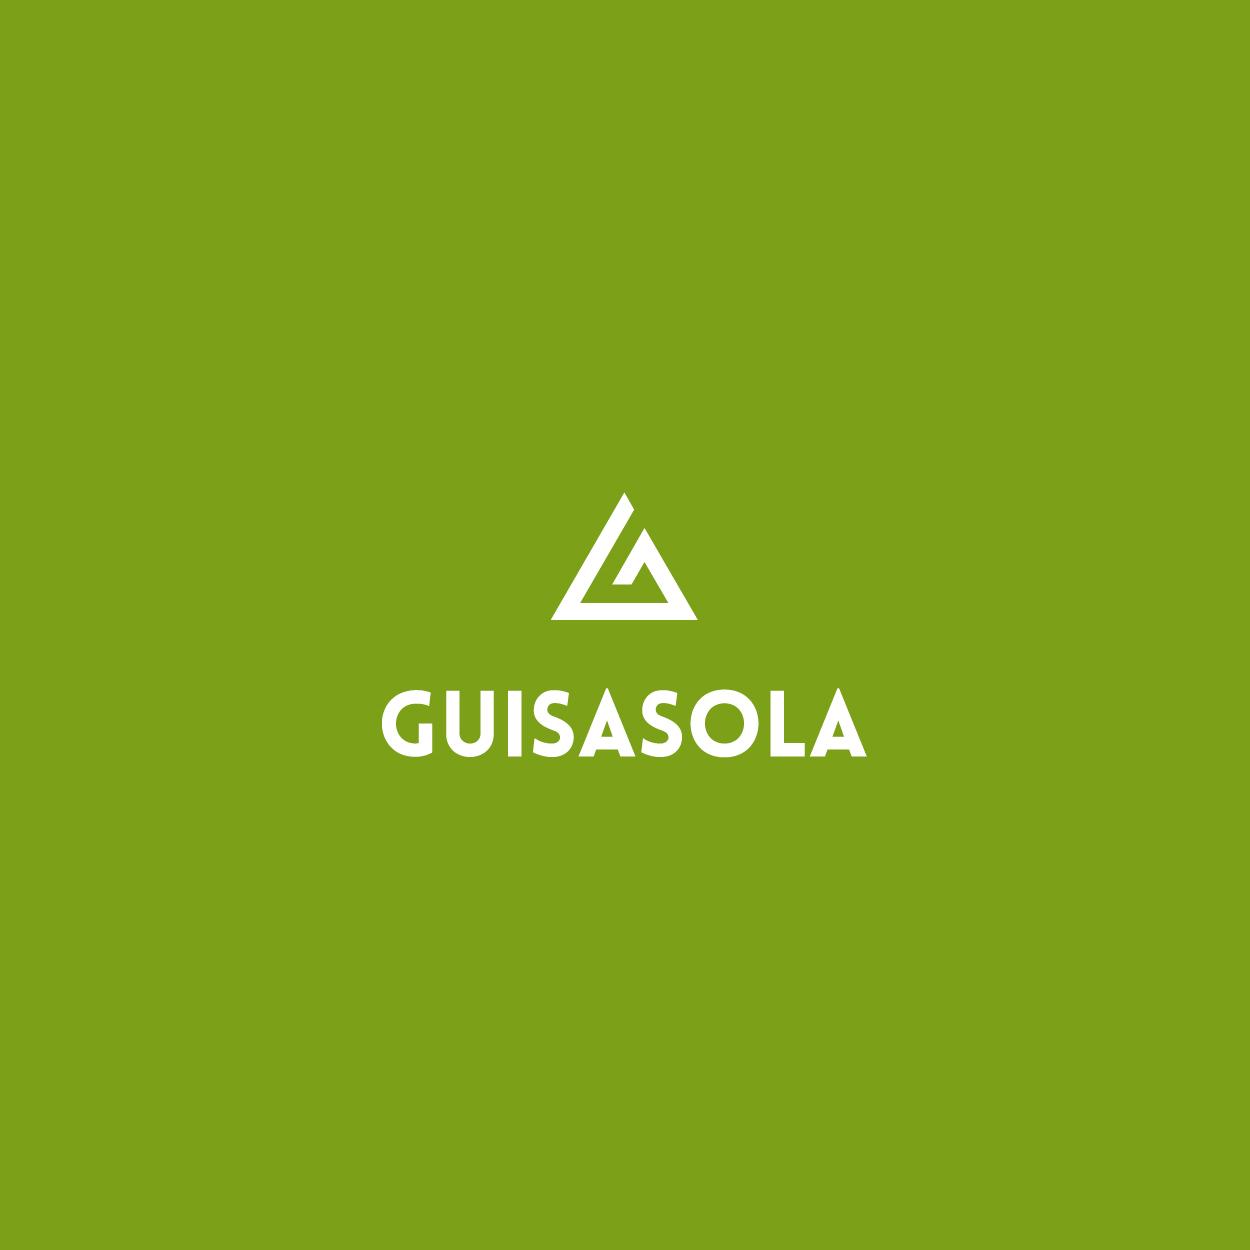 guisasola-logo-bg